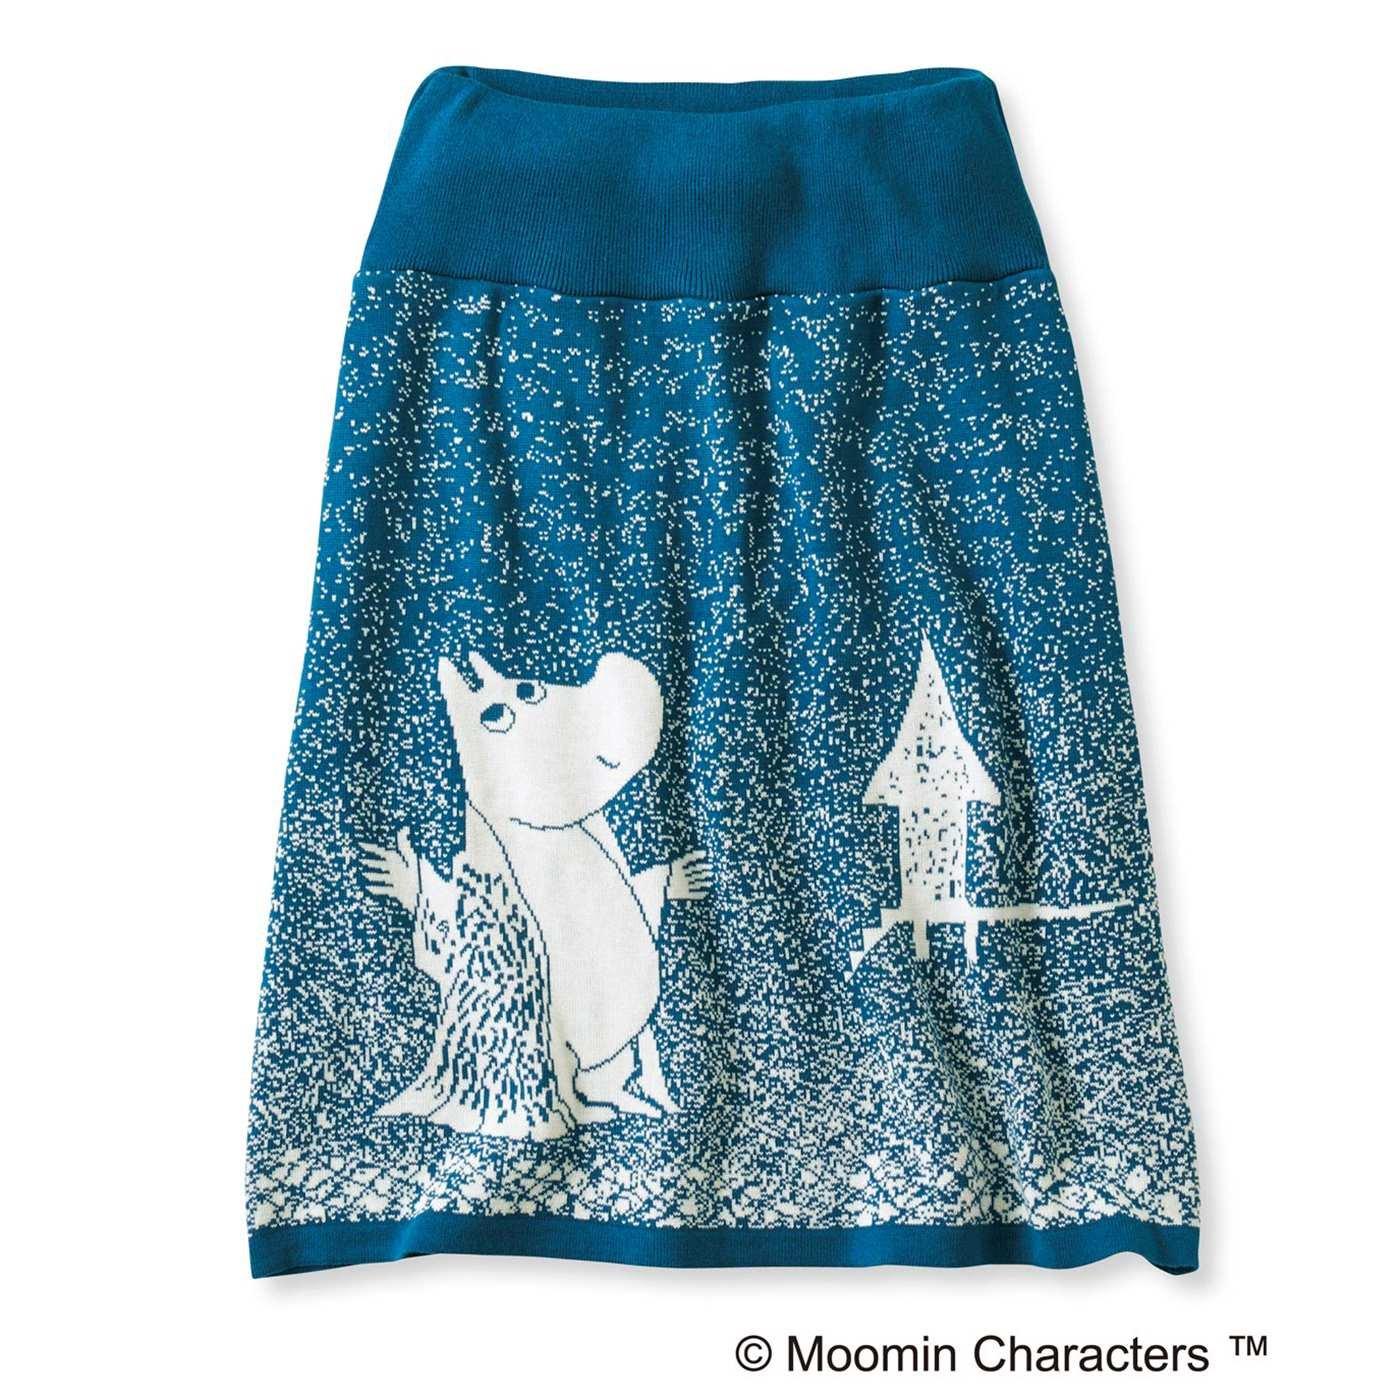 ムーミンと仲間たち 雪の日柄のインナーパンツ付き ニットスカート(ムーミン)